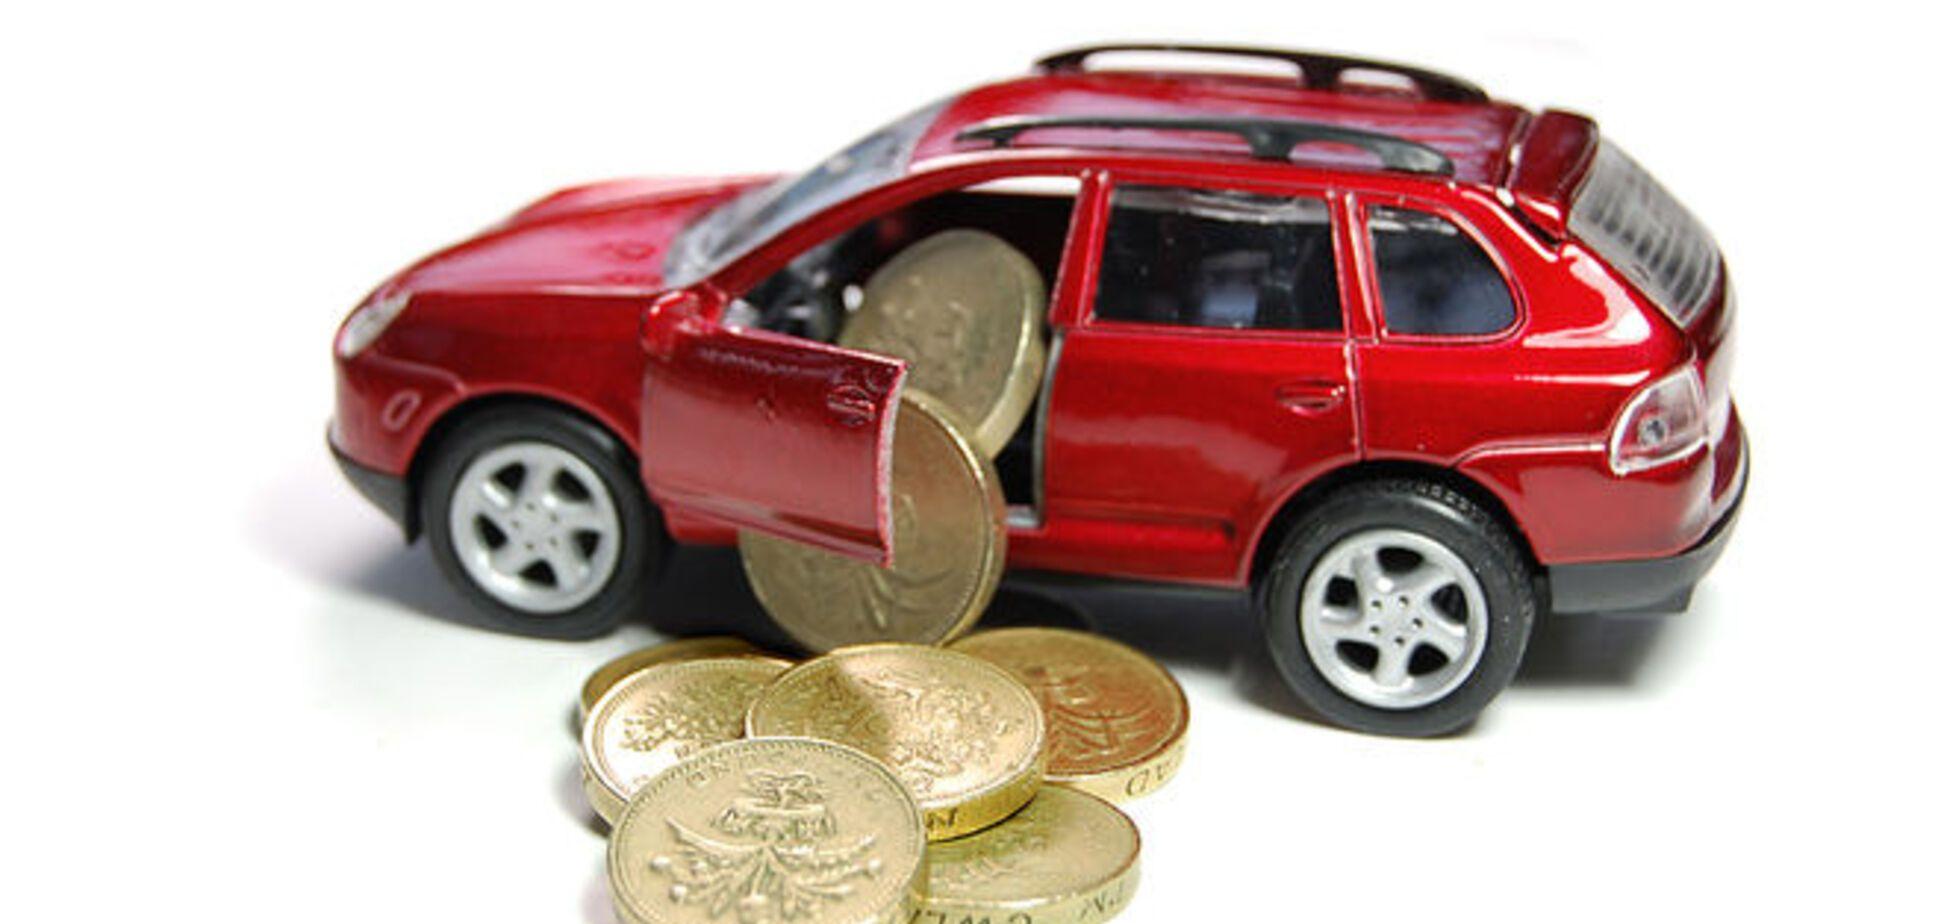 Ціна на автоцивілку в Україні злетить 1 травня